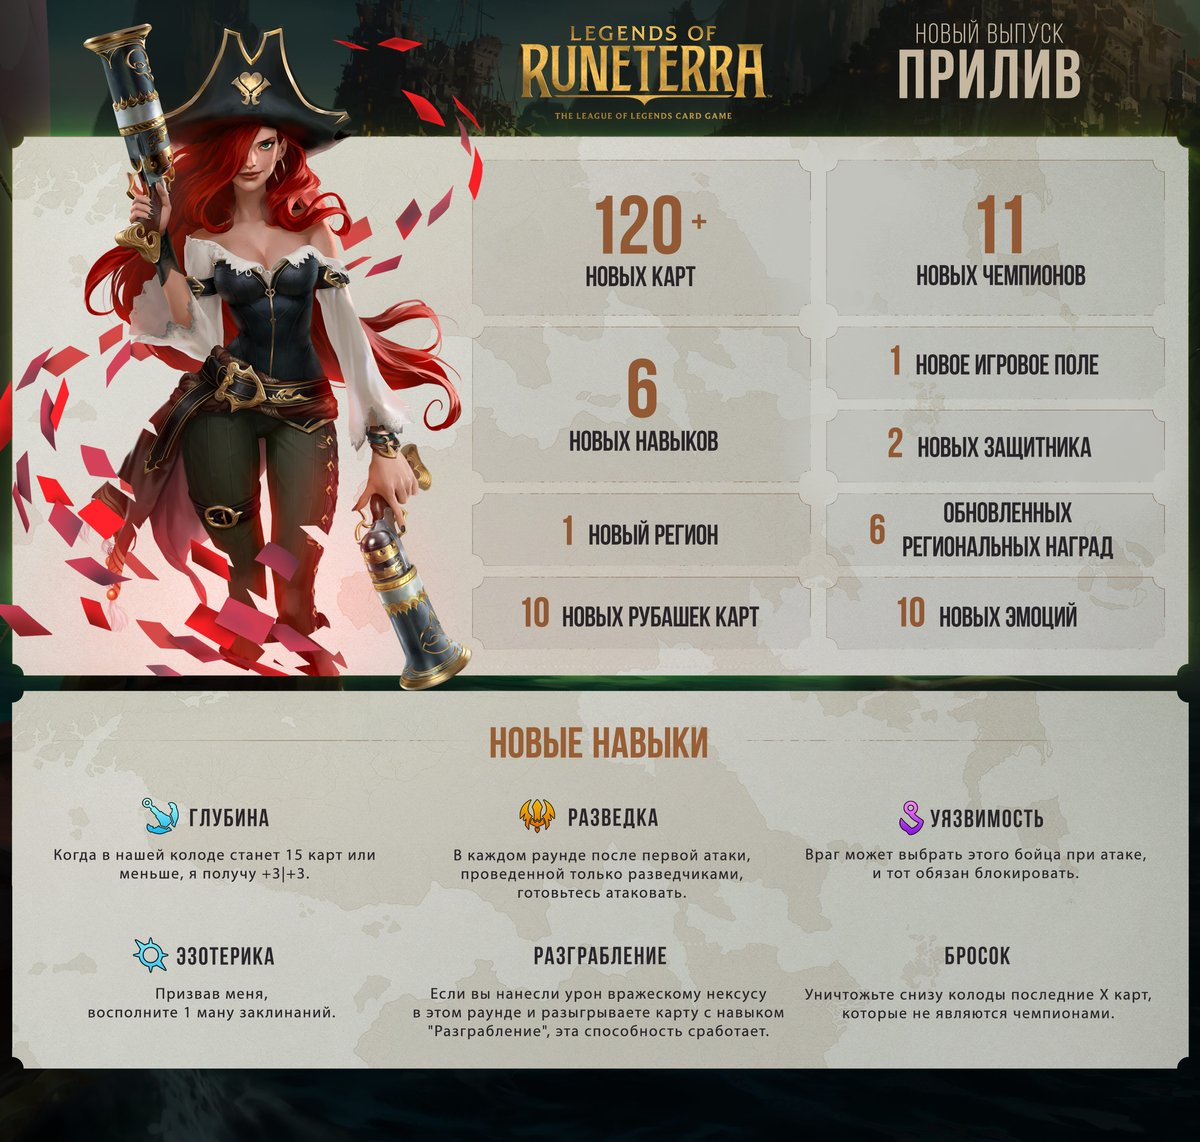 Перевод: Обзор Legends of Runeterra